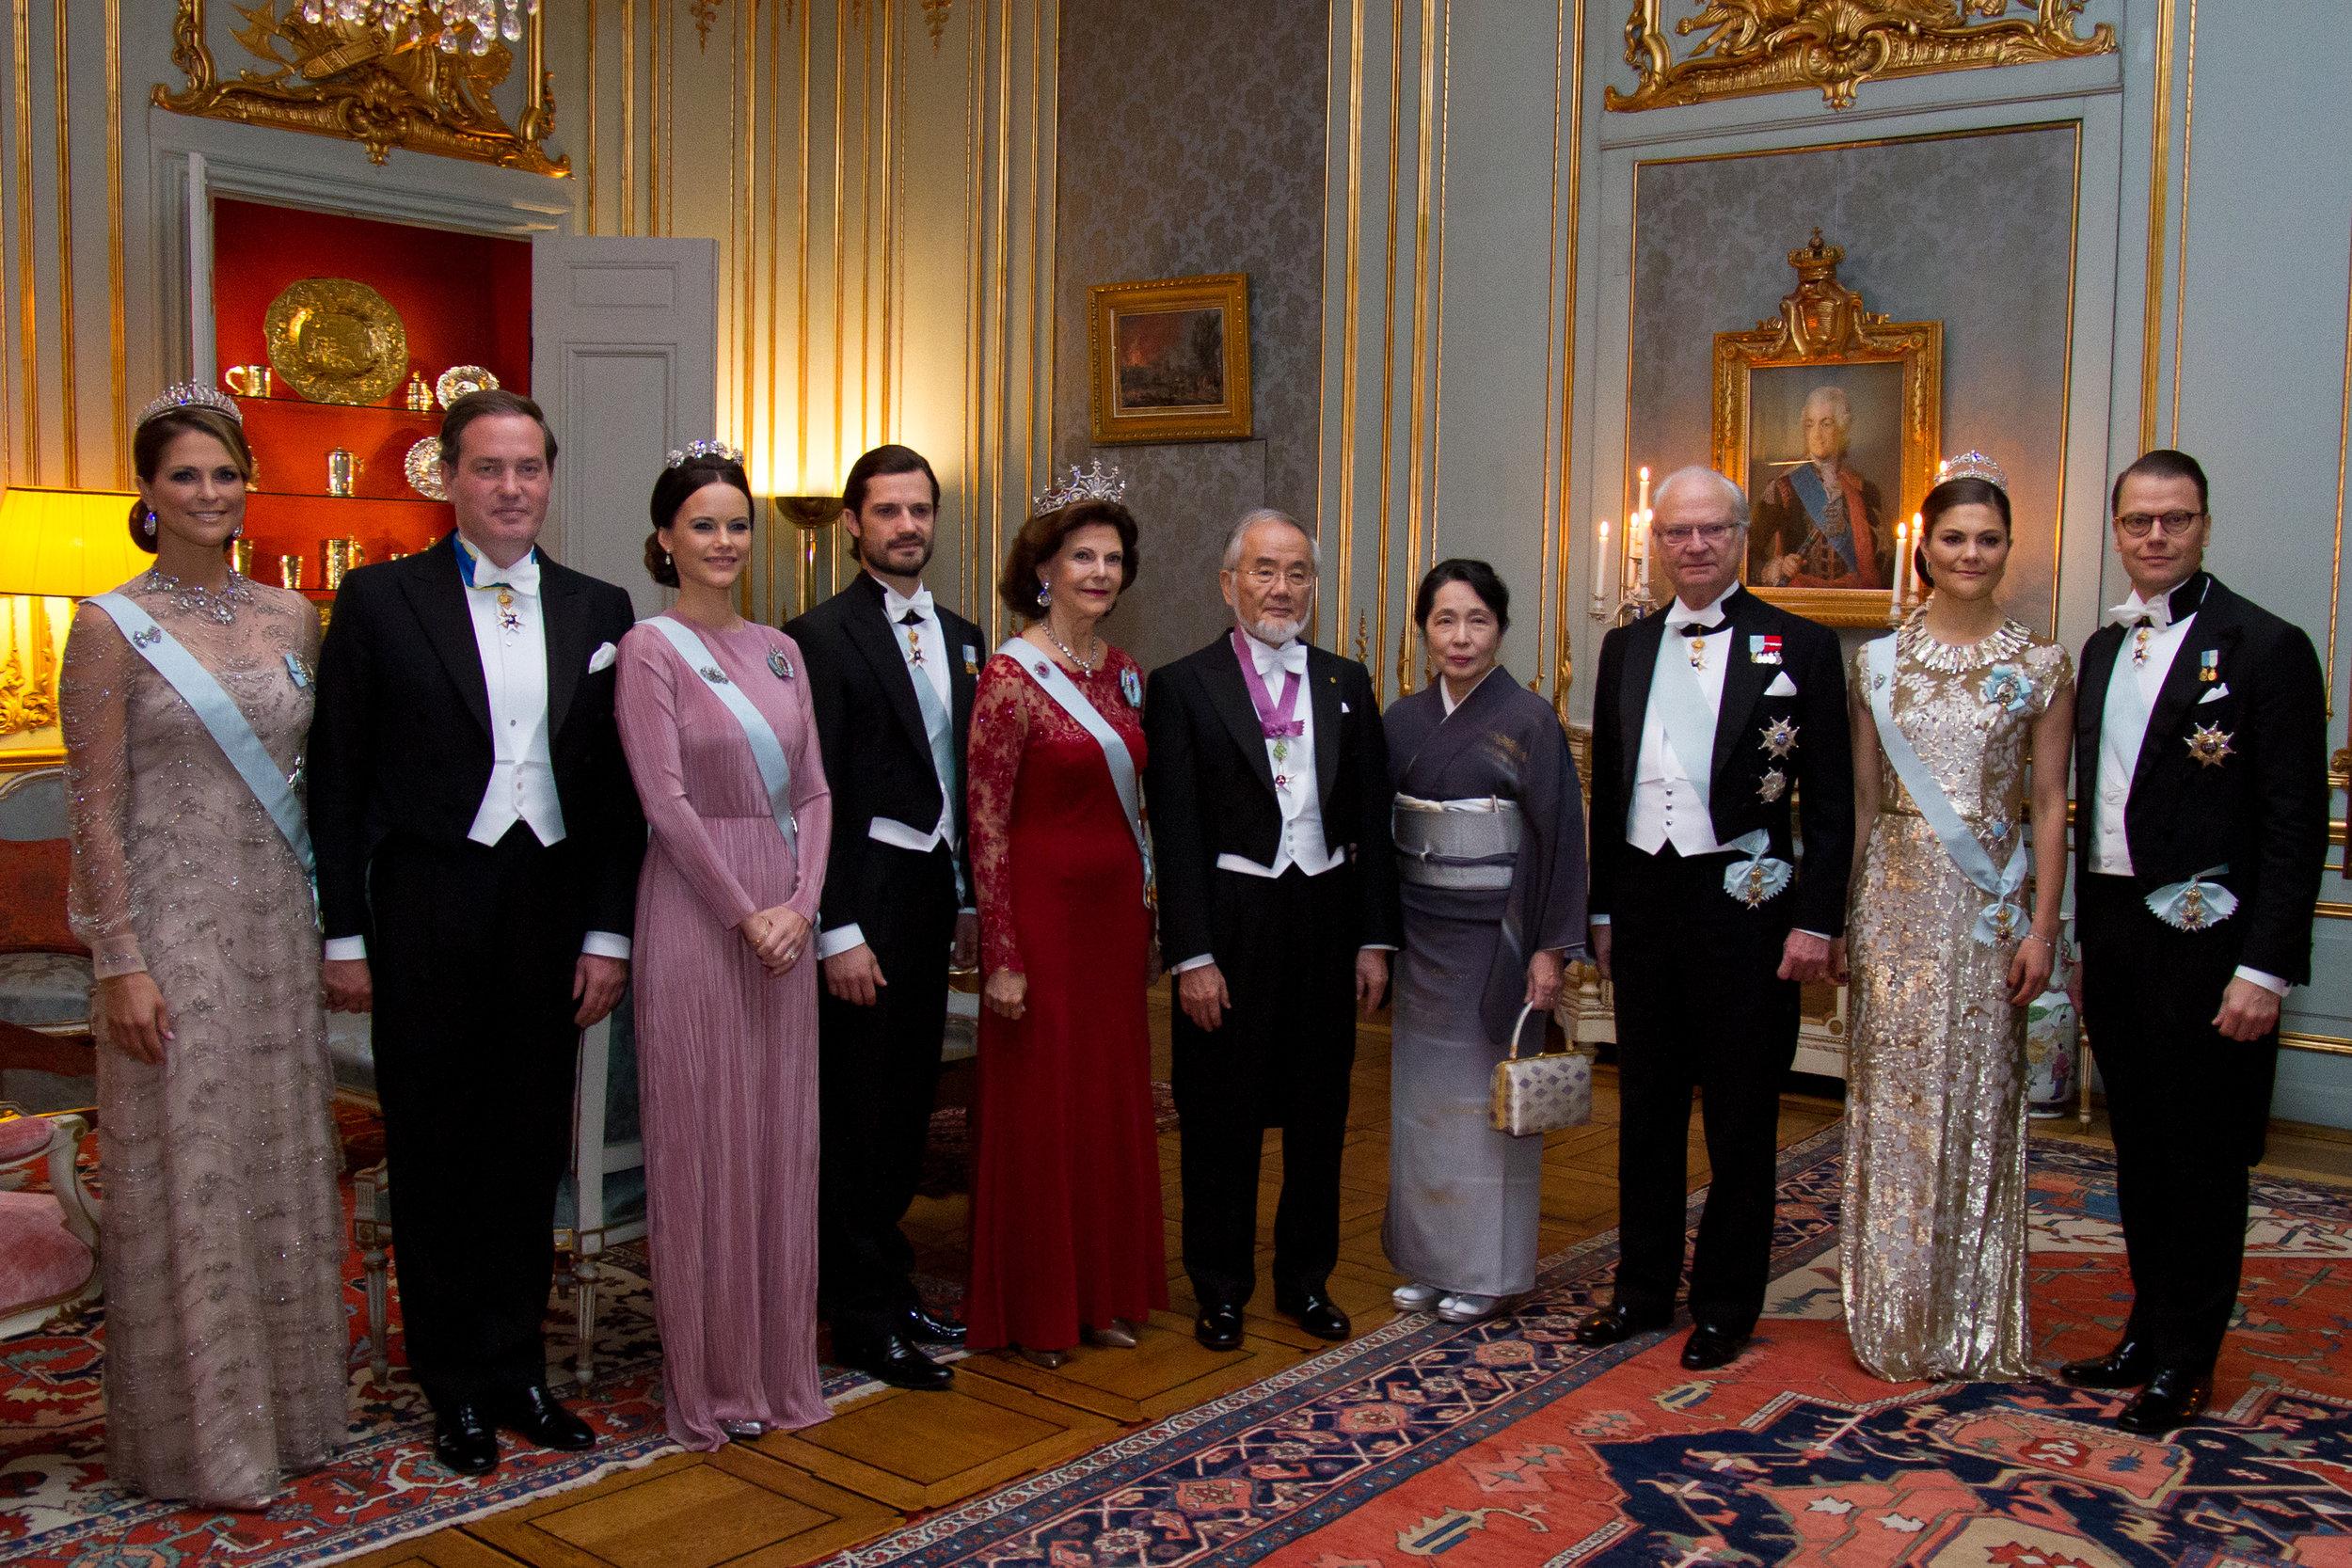 Beim Nobelpreisdinner 2016: Damals trug Prinzessin Sofia ihr Abendkleid mit einer Schärpe.  ©royalcourt.se